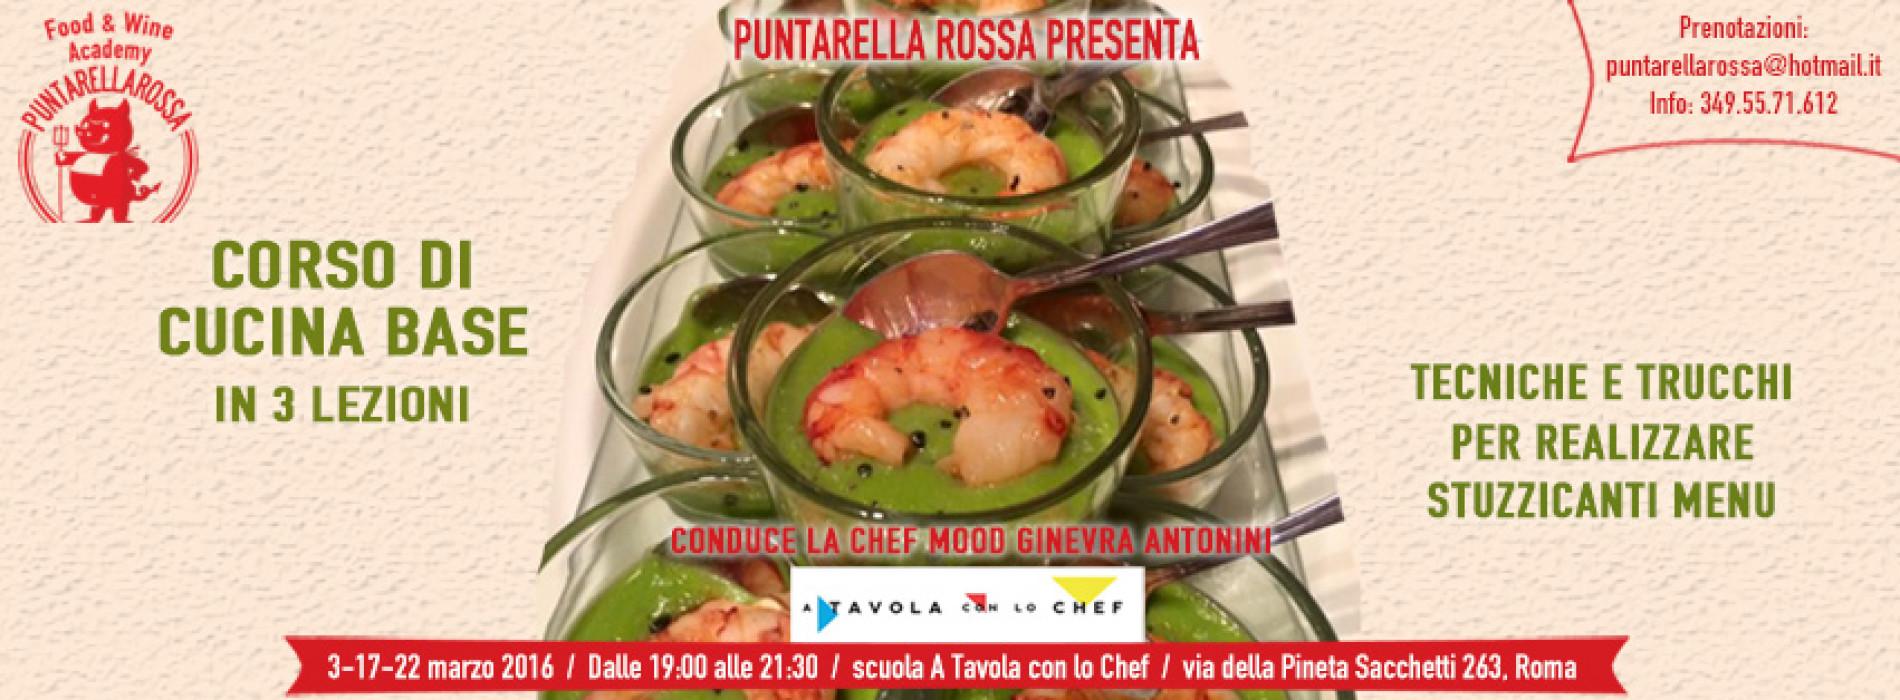 Corso di cucina roma marzo 2016 - Corso cucina cannavacciuolo prezzo ...